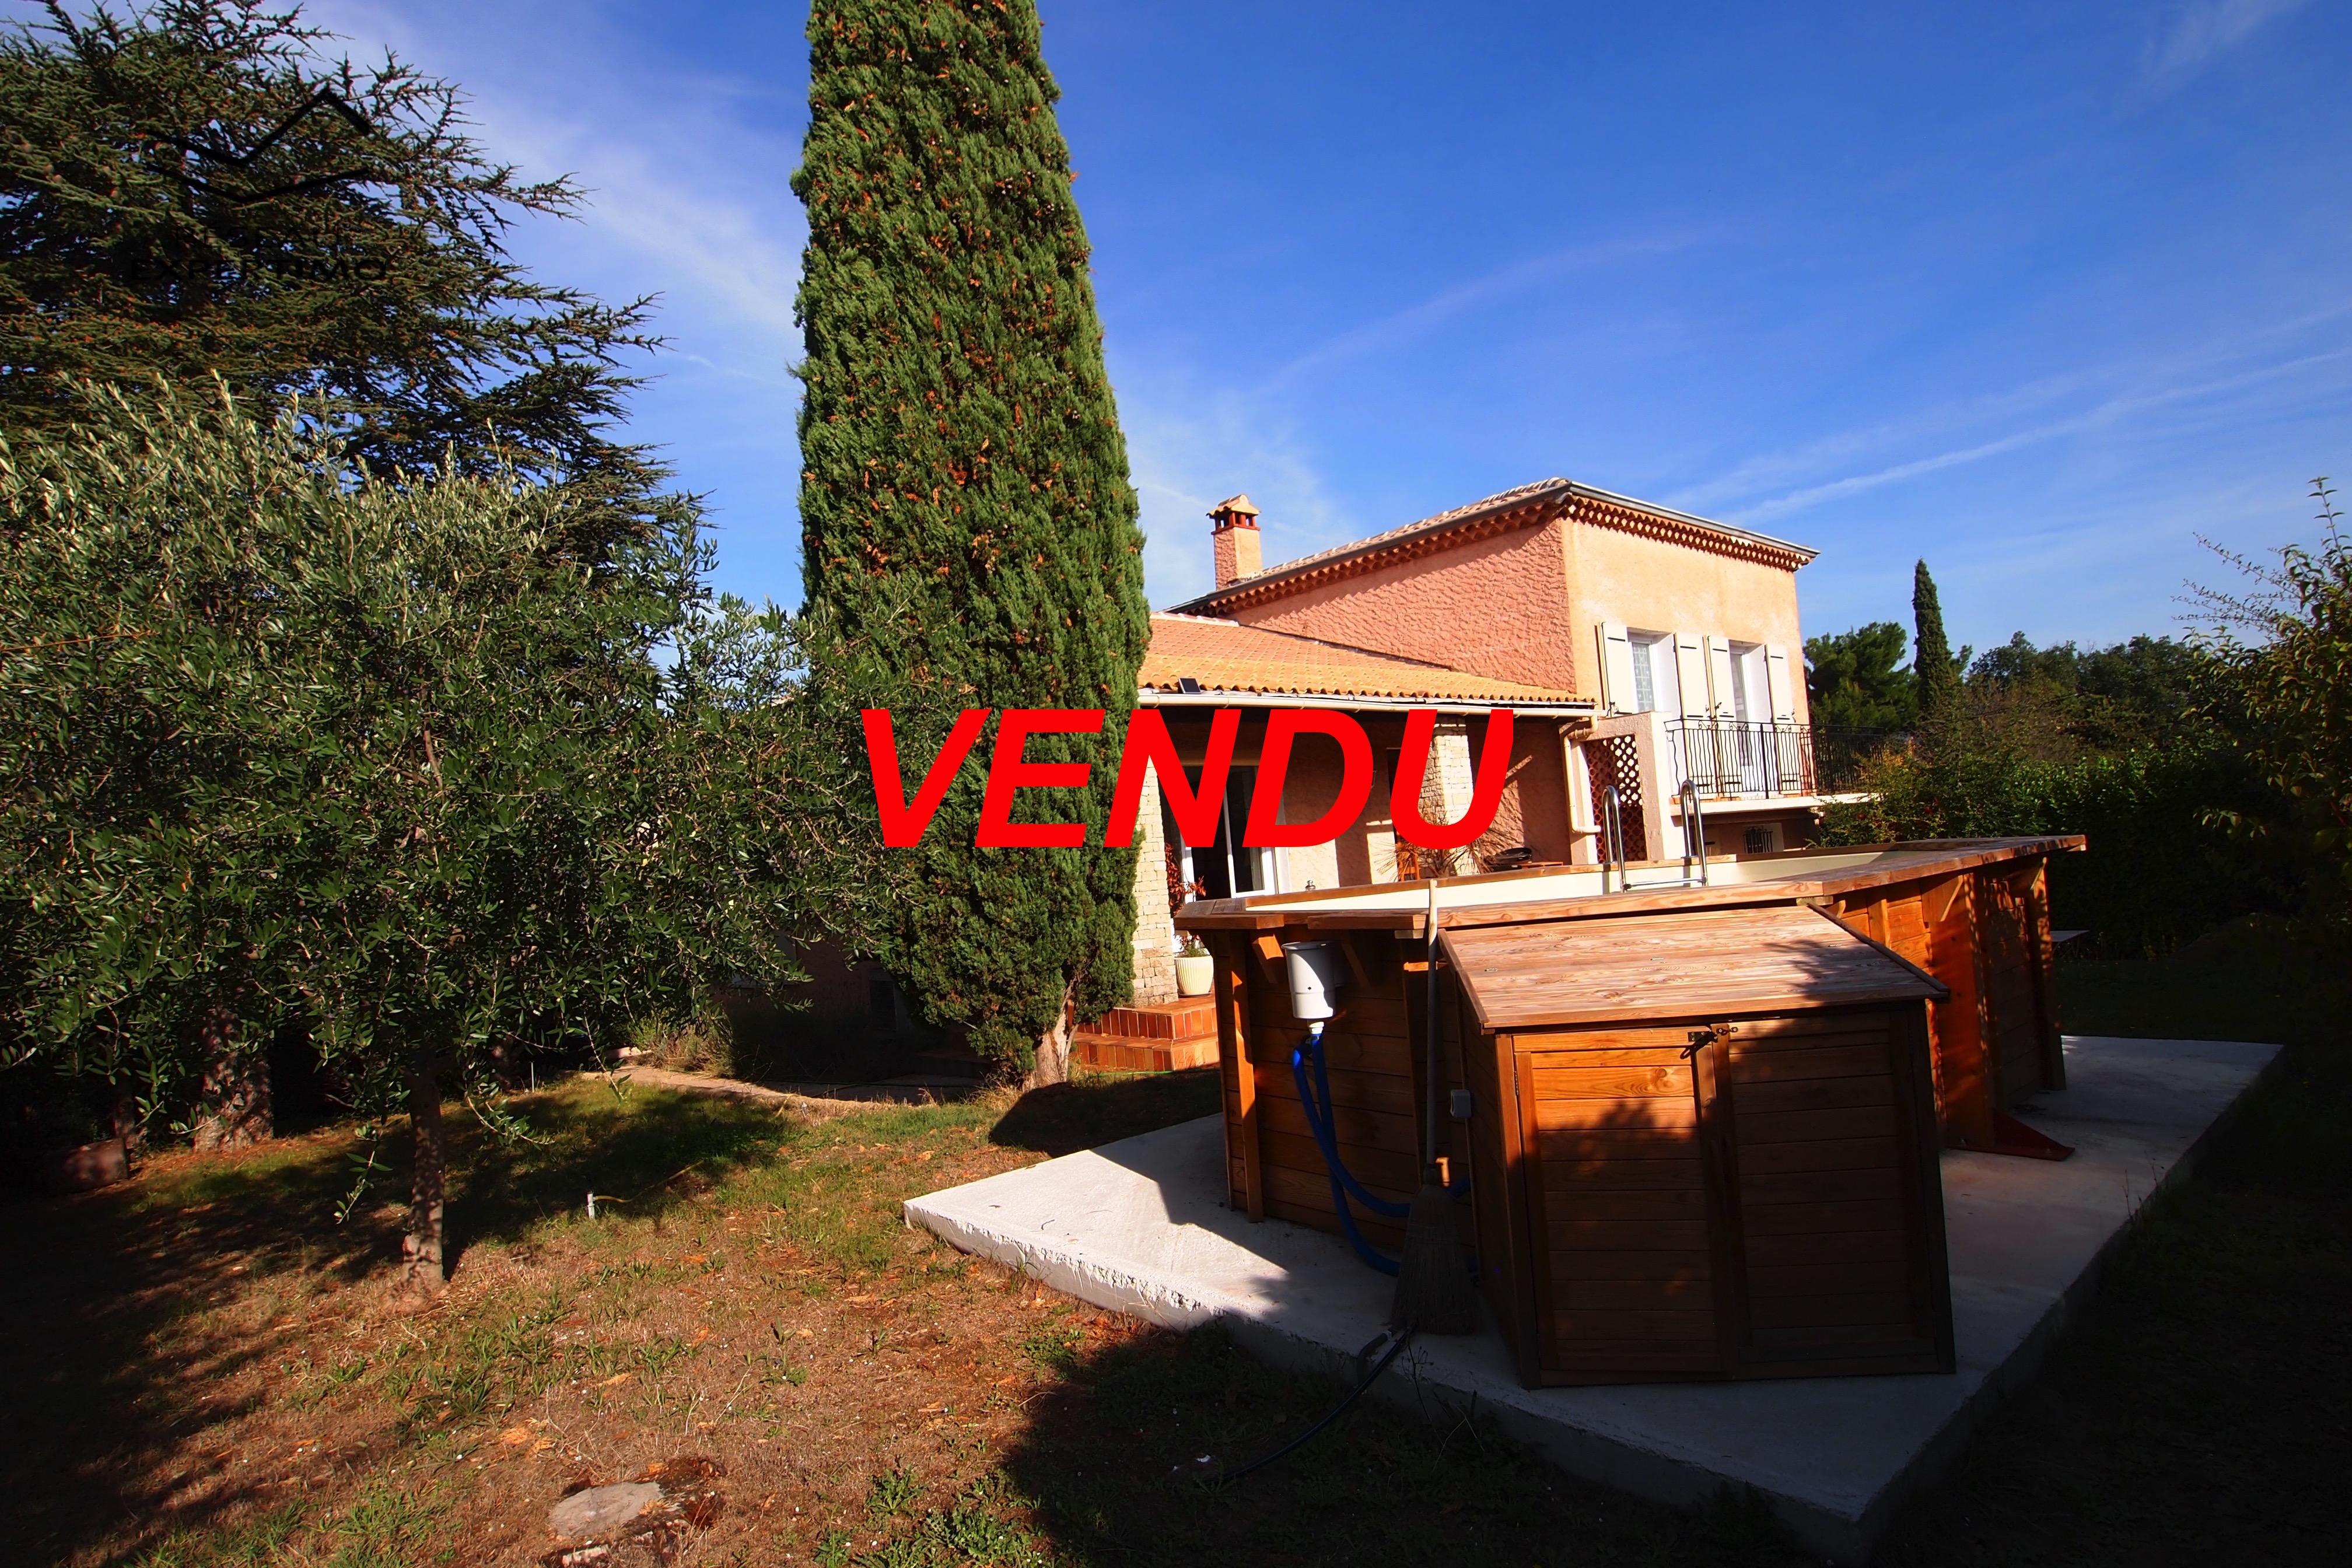 Piscine Hors Sol Portugal vente villa t6 sur terrain plat de 750 m2 avec piscine hors sol.